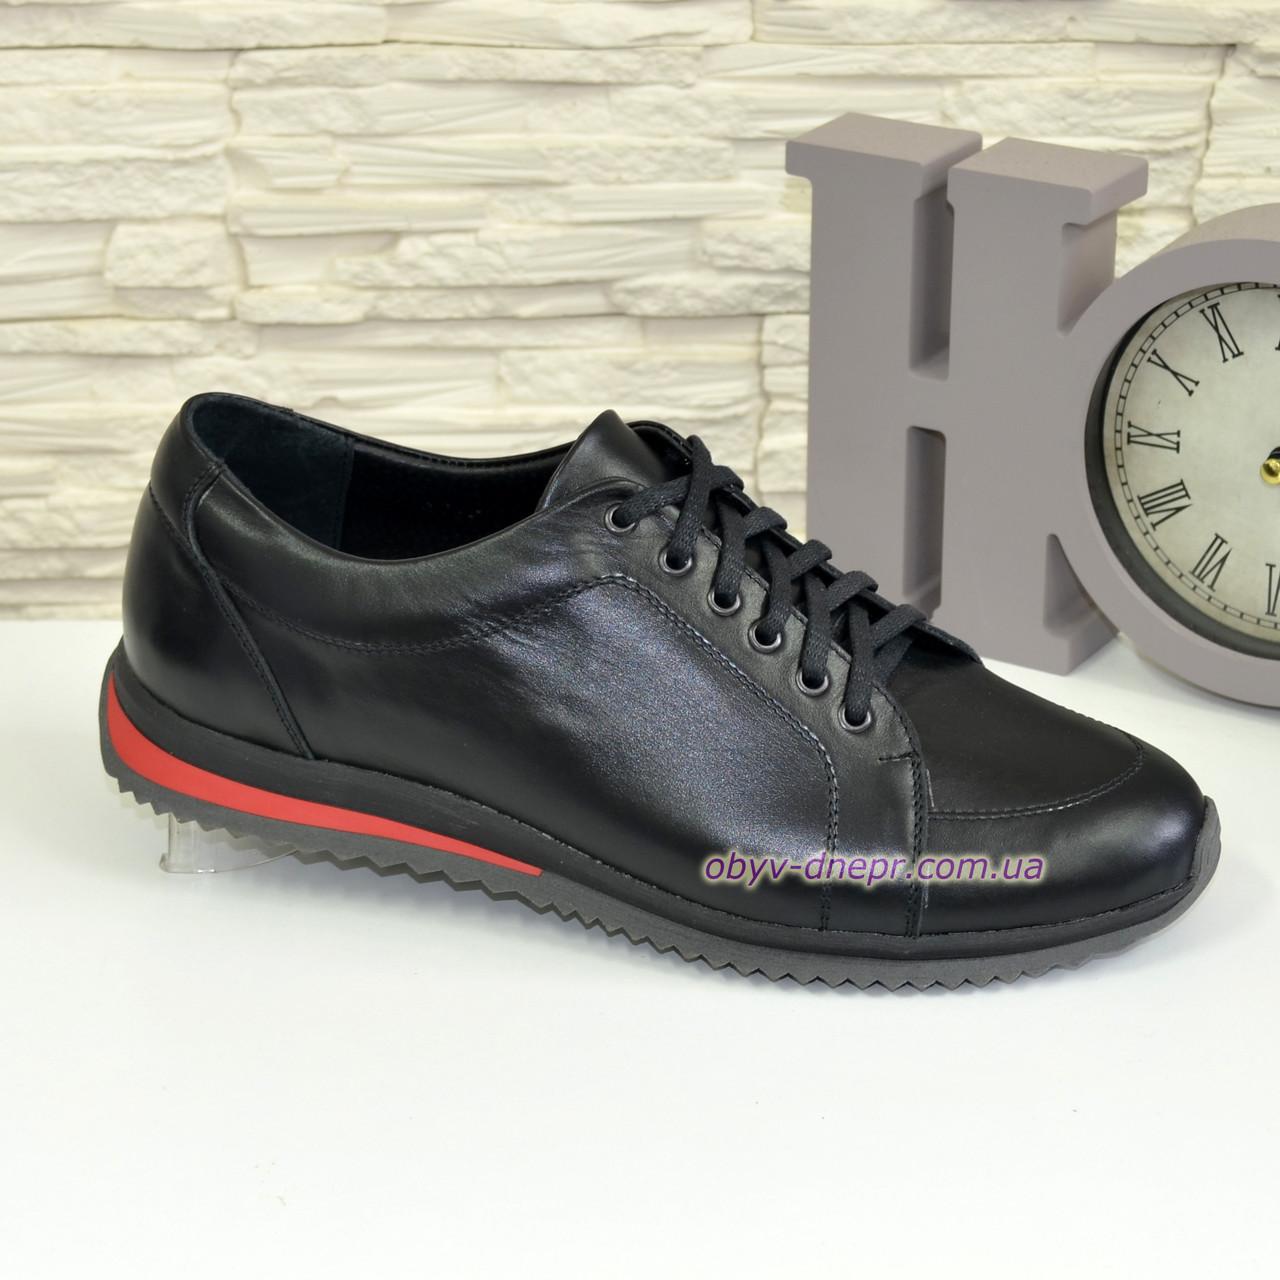 Мужские кожаные кроссовки на шнуровке, цвет черный